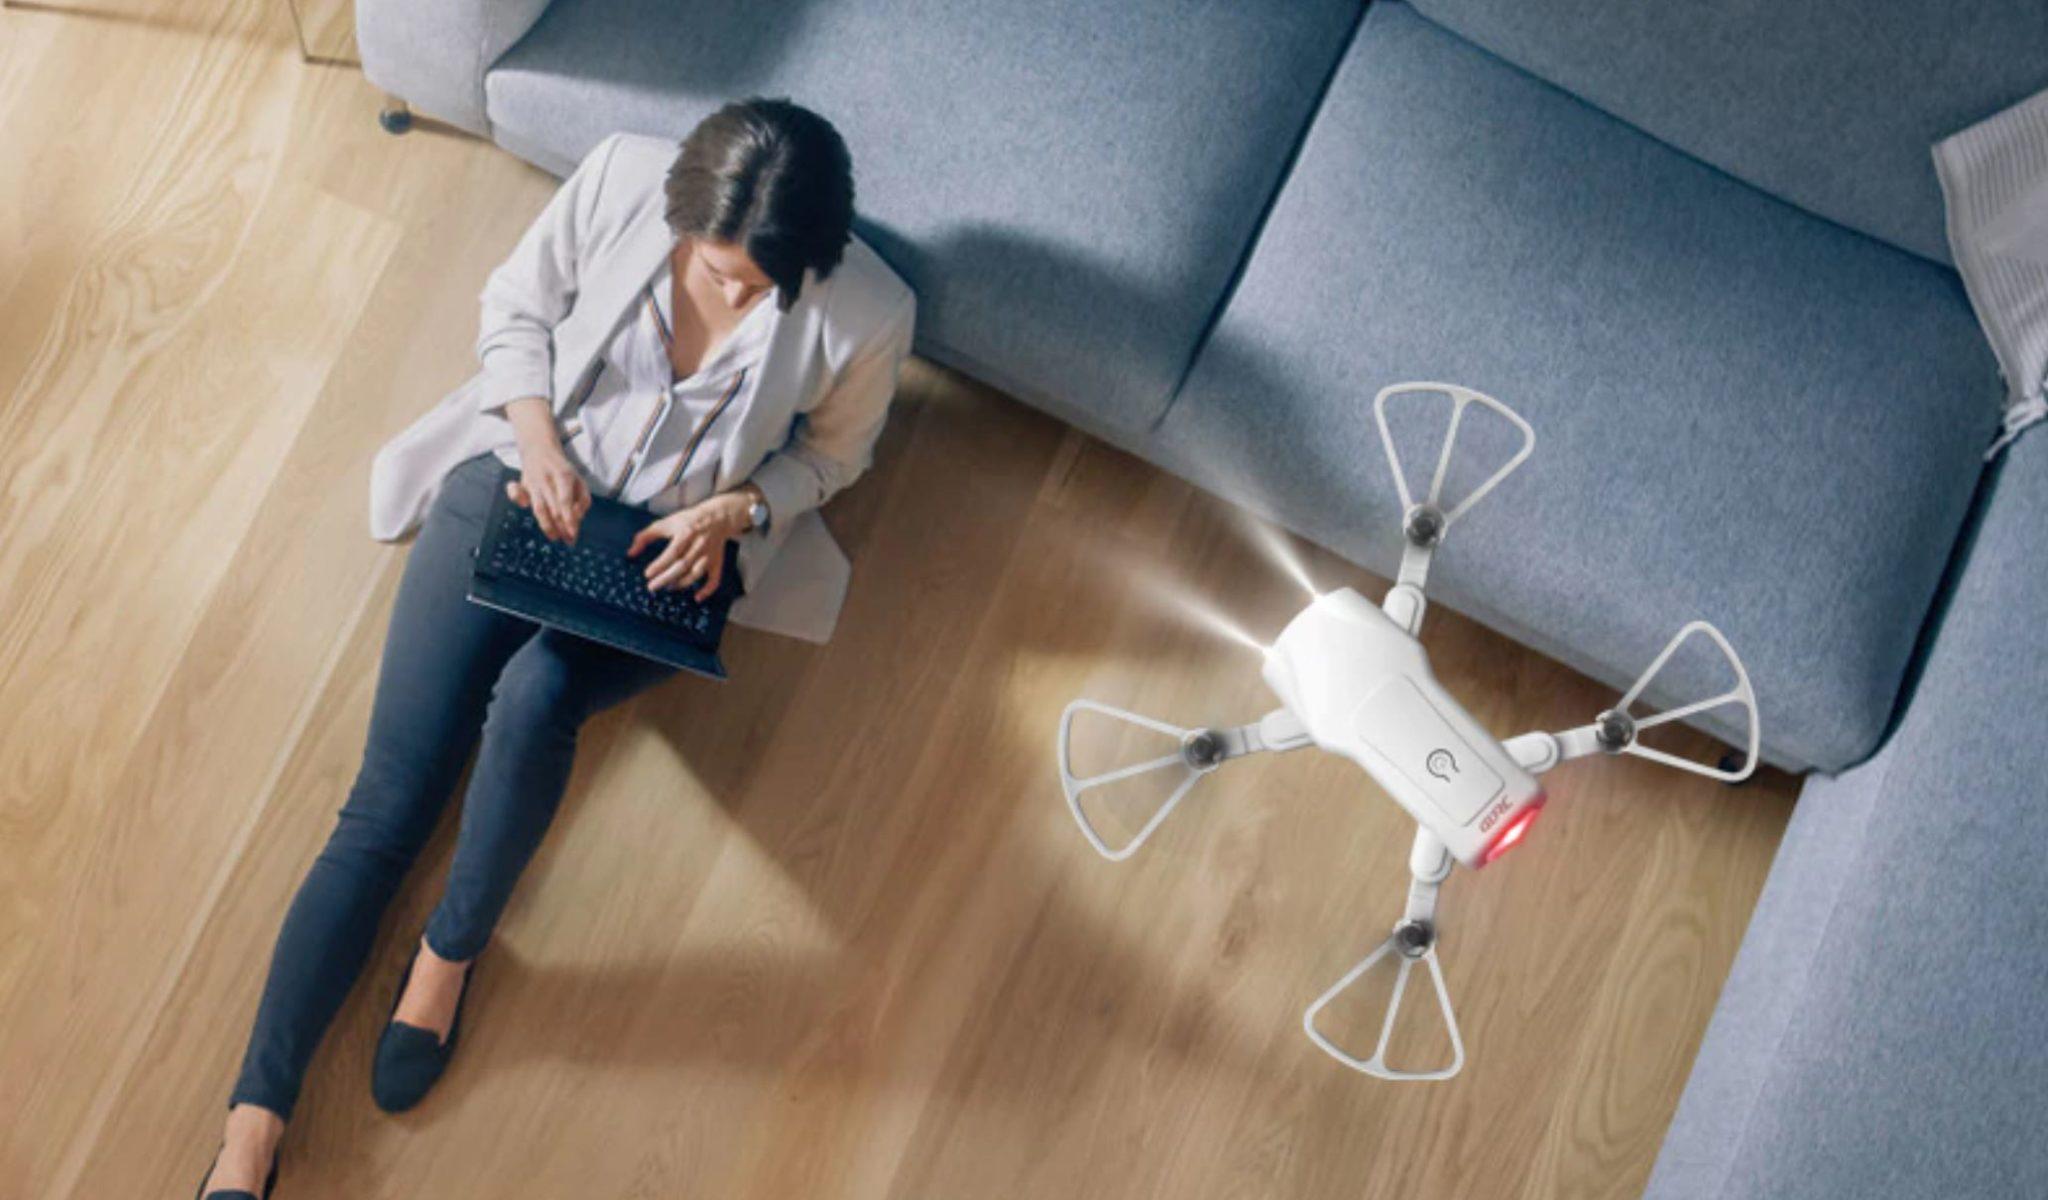 Drony z AliExpress - dron V9 - mini drone - latanie w domu